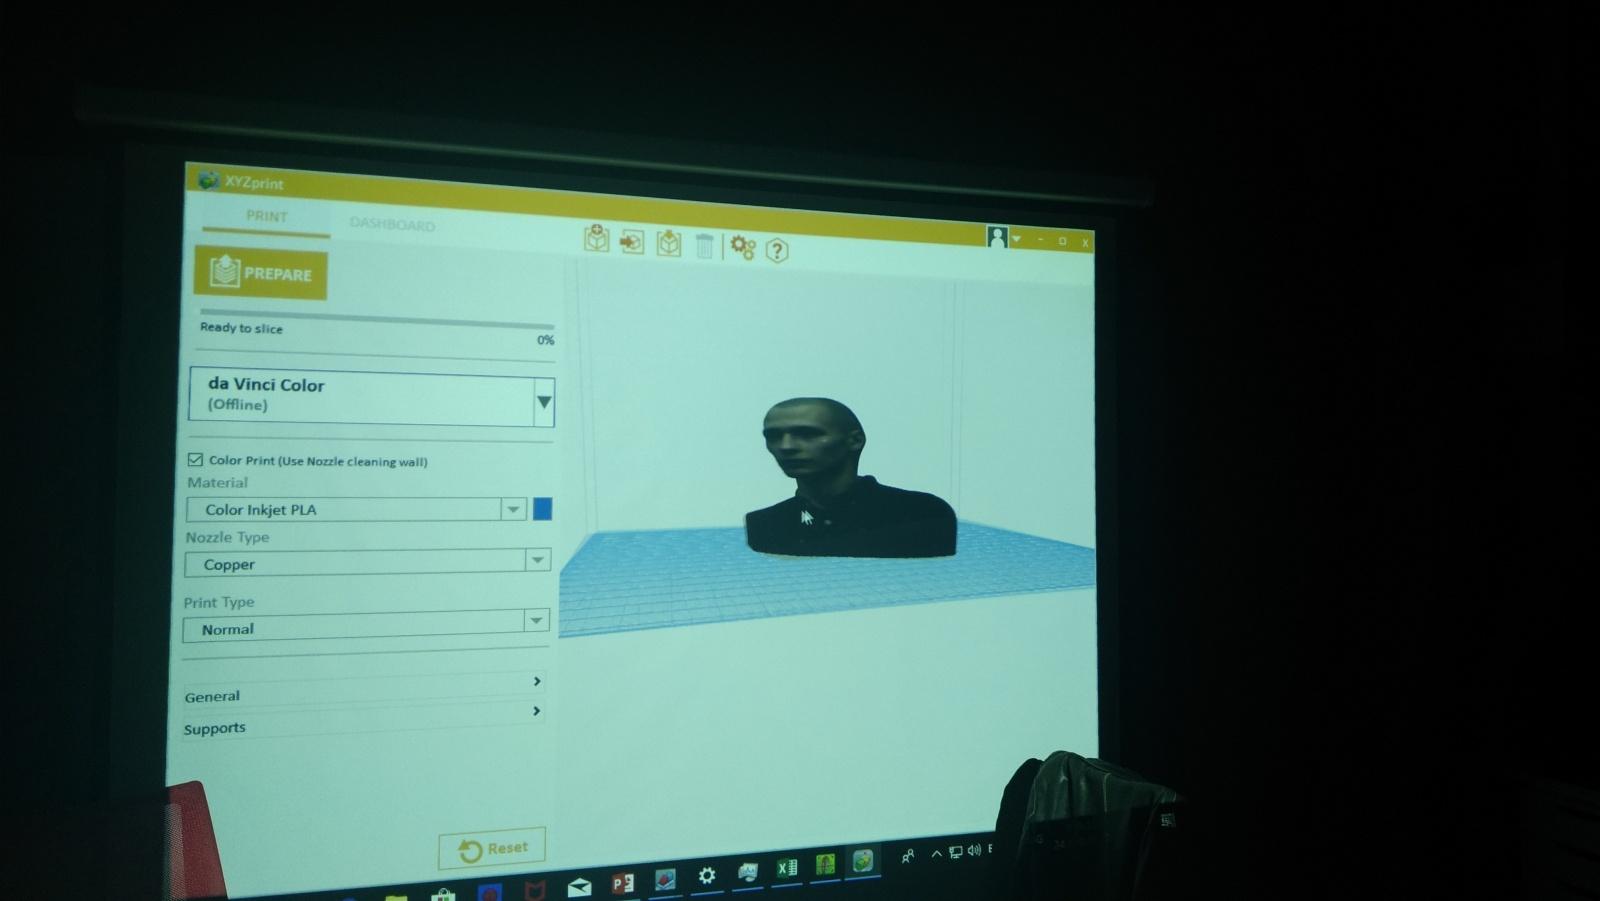 Цветной 3D-принтер Da Vinci. Фоторепортаж с презентации Компании XYZprinting - 27